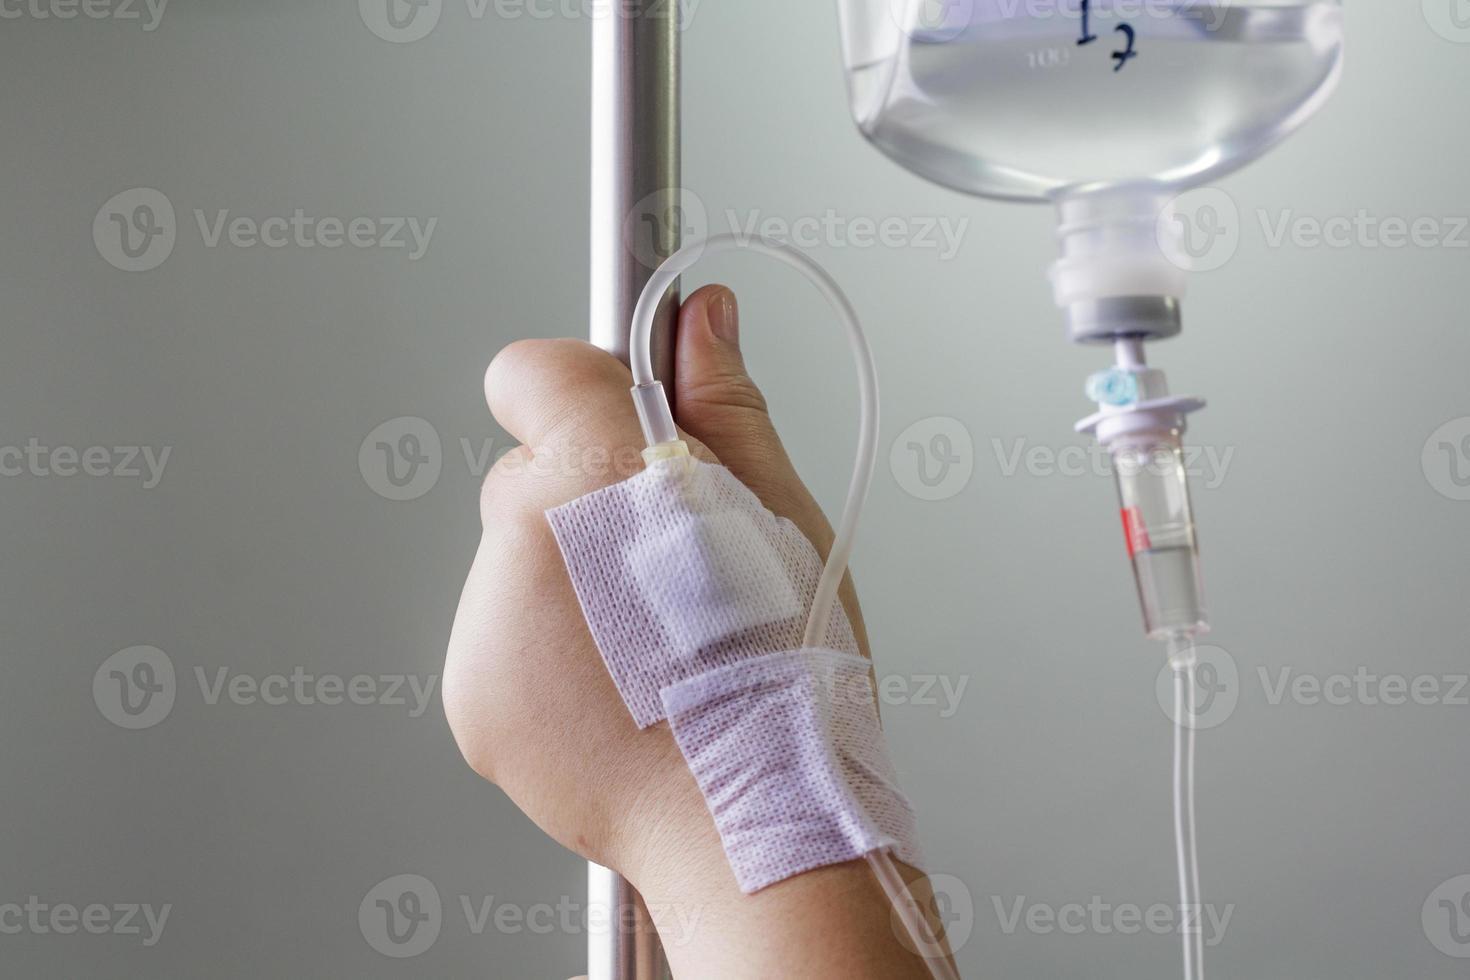 mano gonfia di soluzione fisiologica per via endovenosa (iv). foto